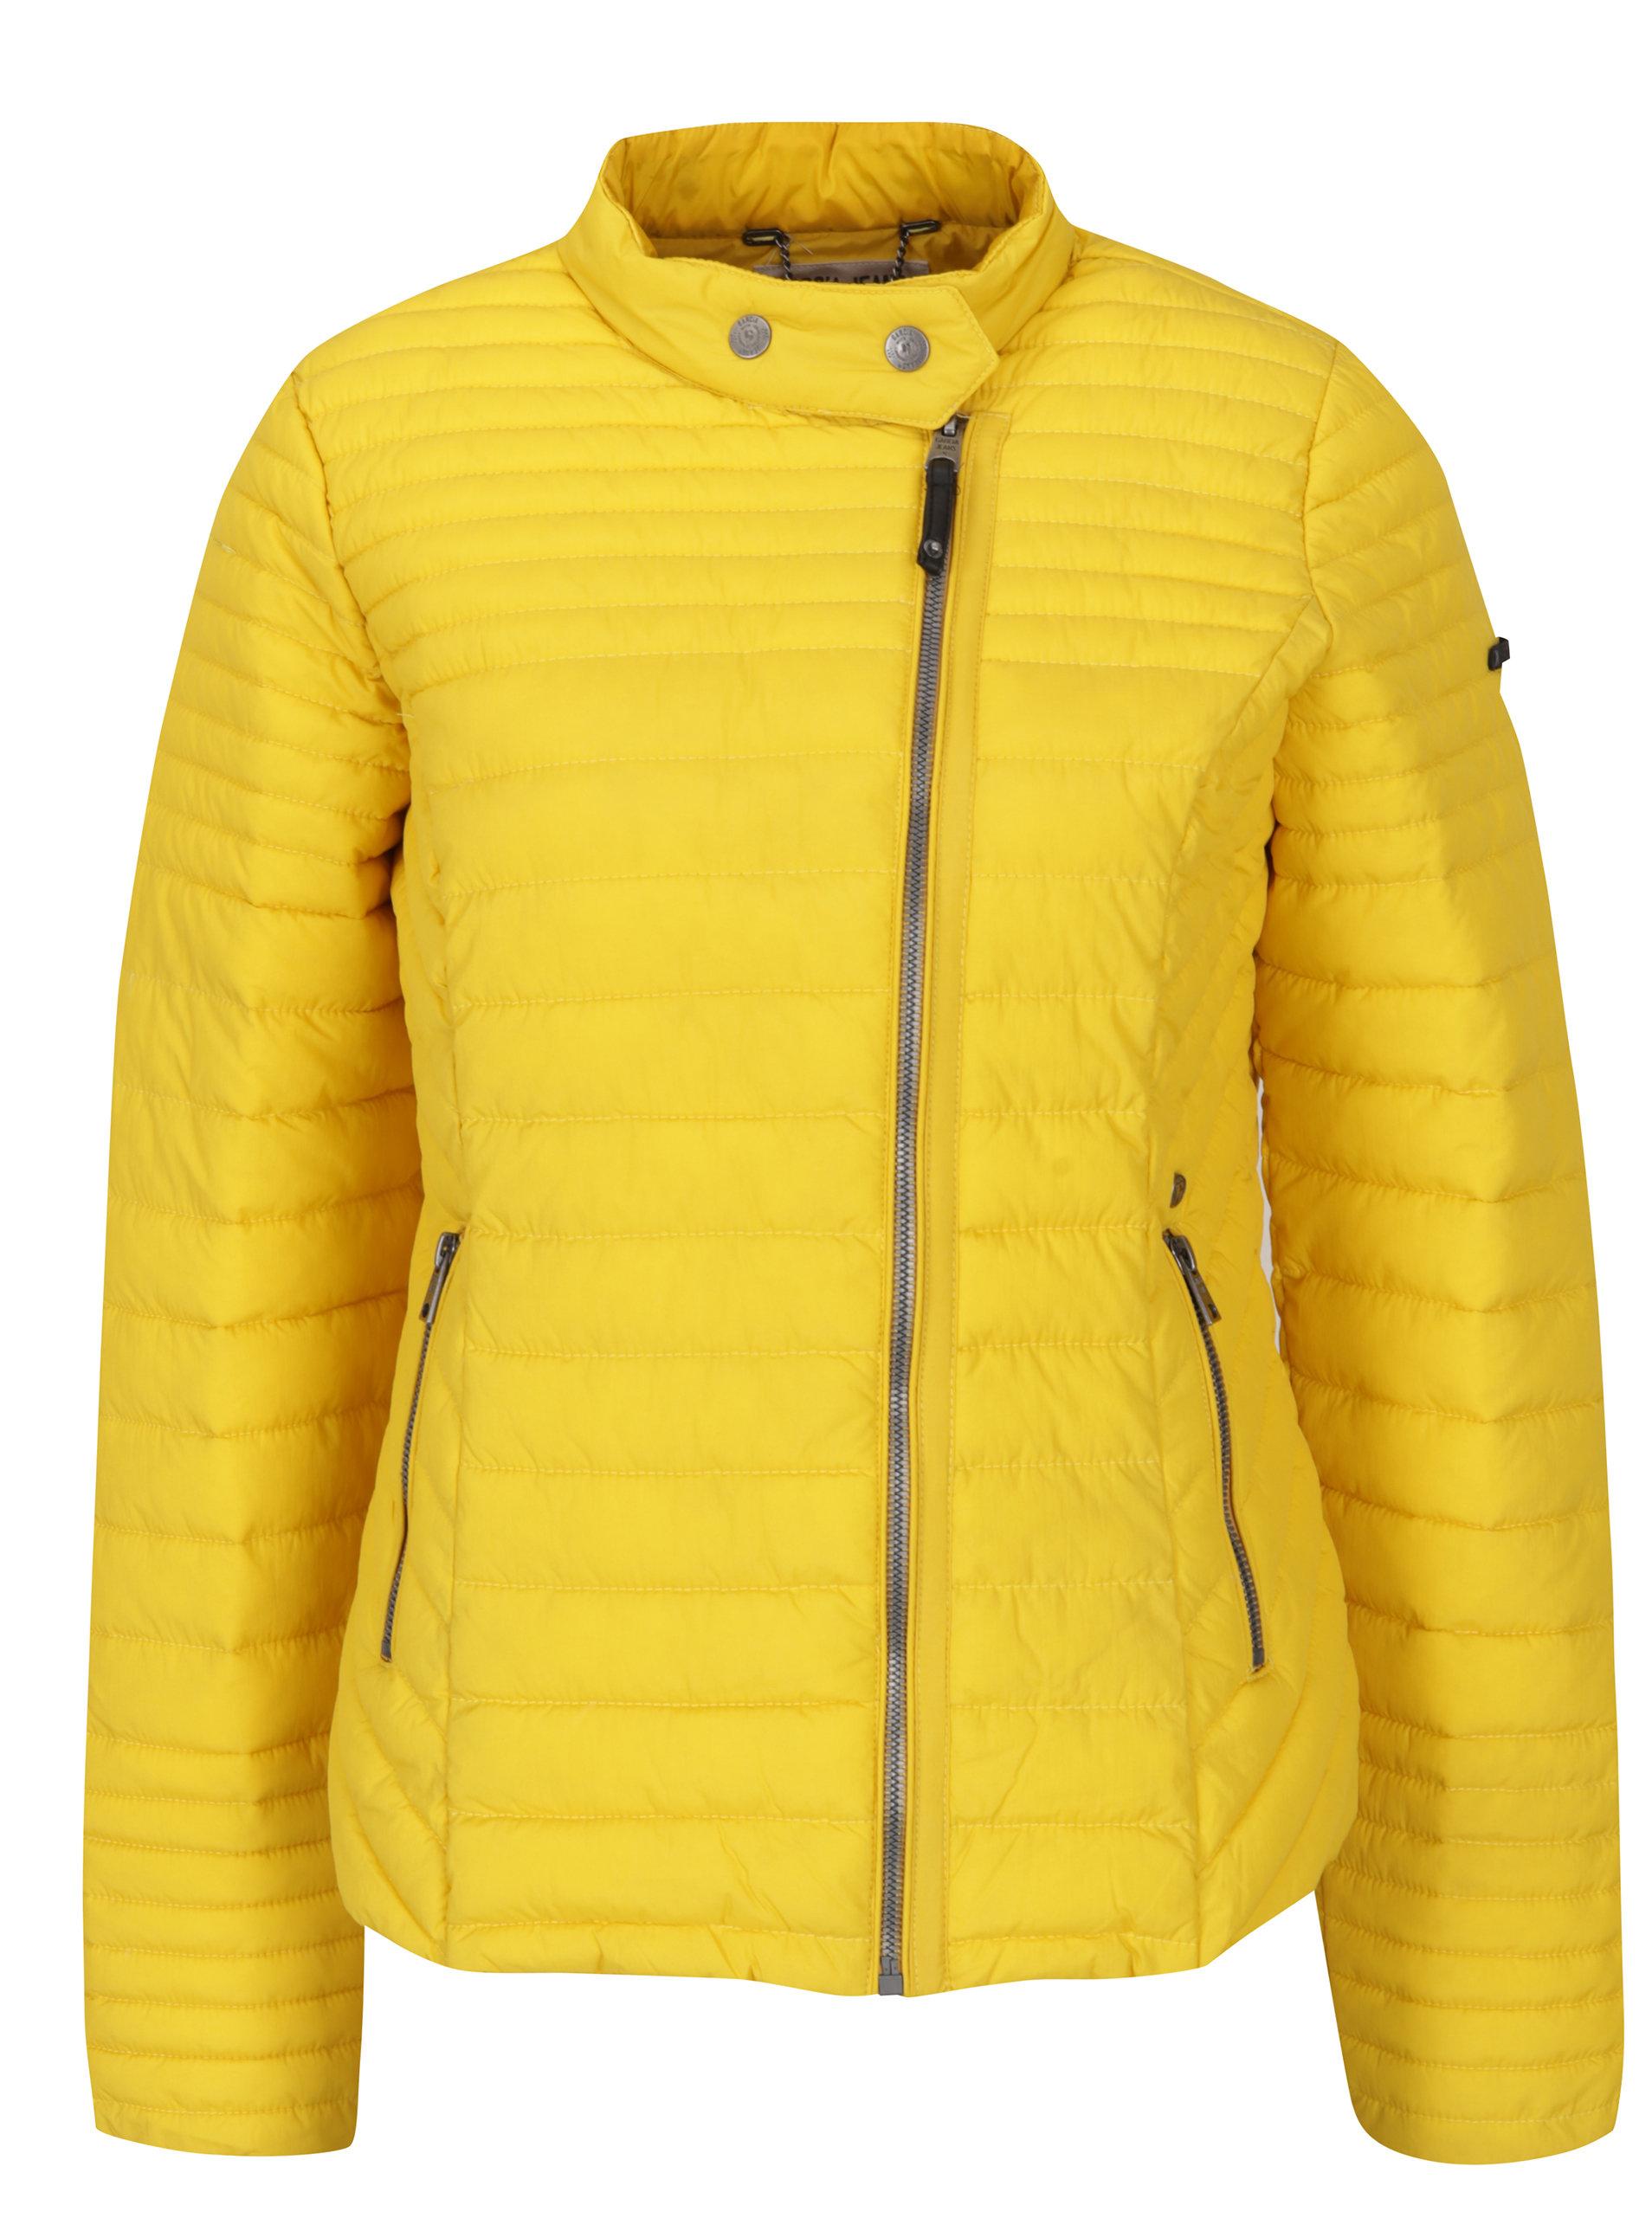 Žltá dámska prešívaná bunda Garcia Jeans ... 695ce56e2ce